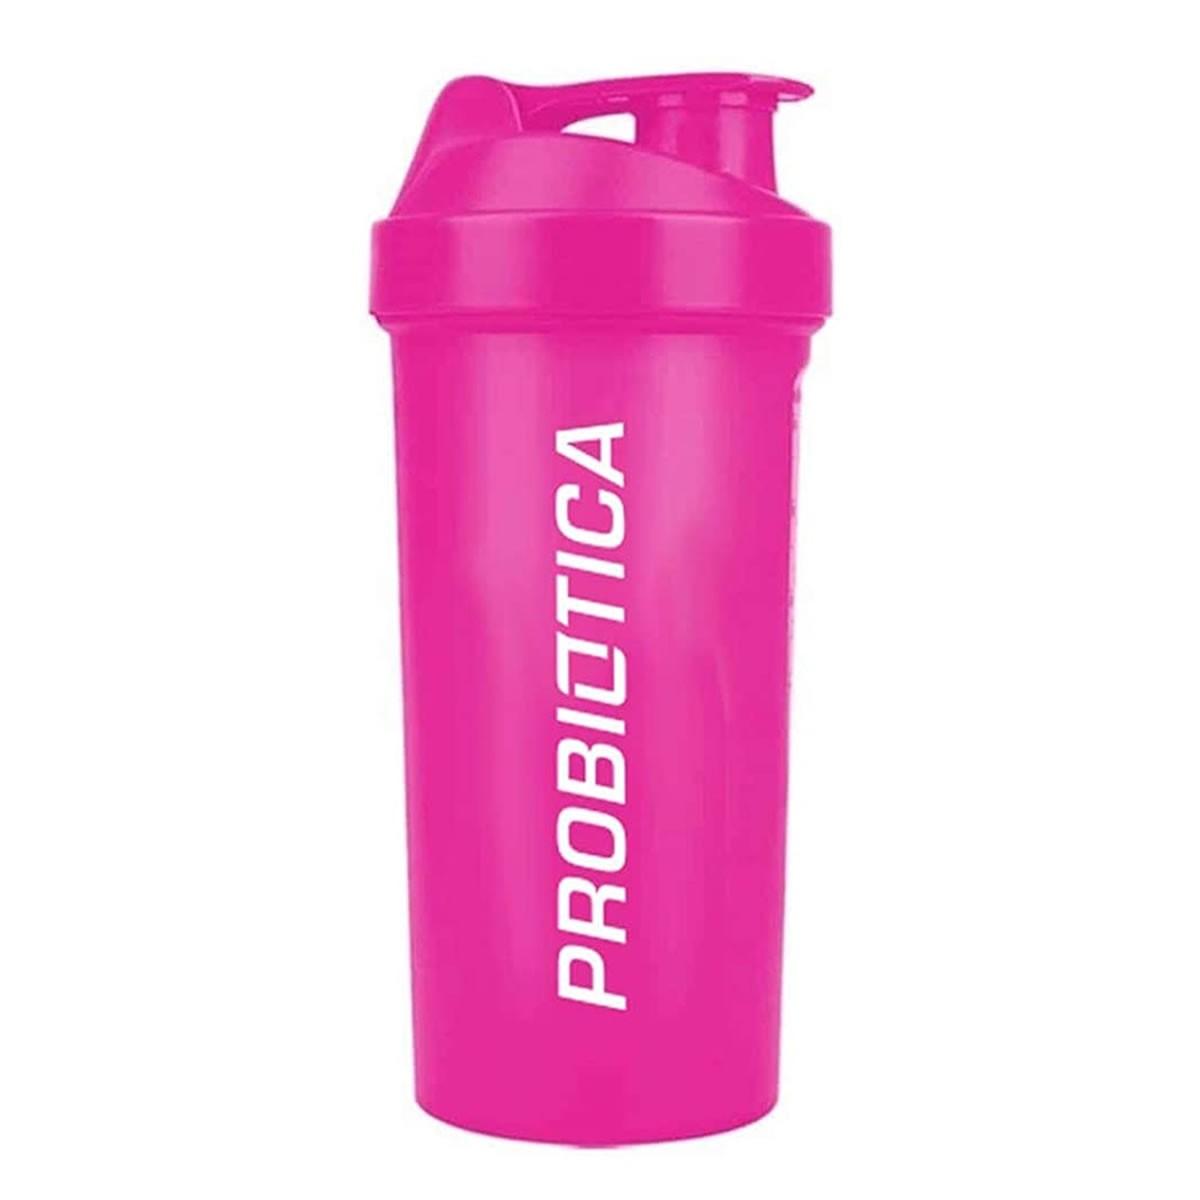 Coqueteleira Rosa 700ml - Probiotica